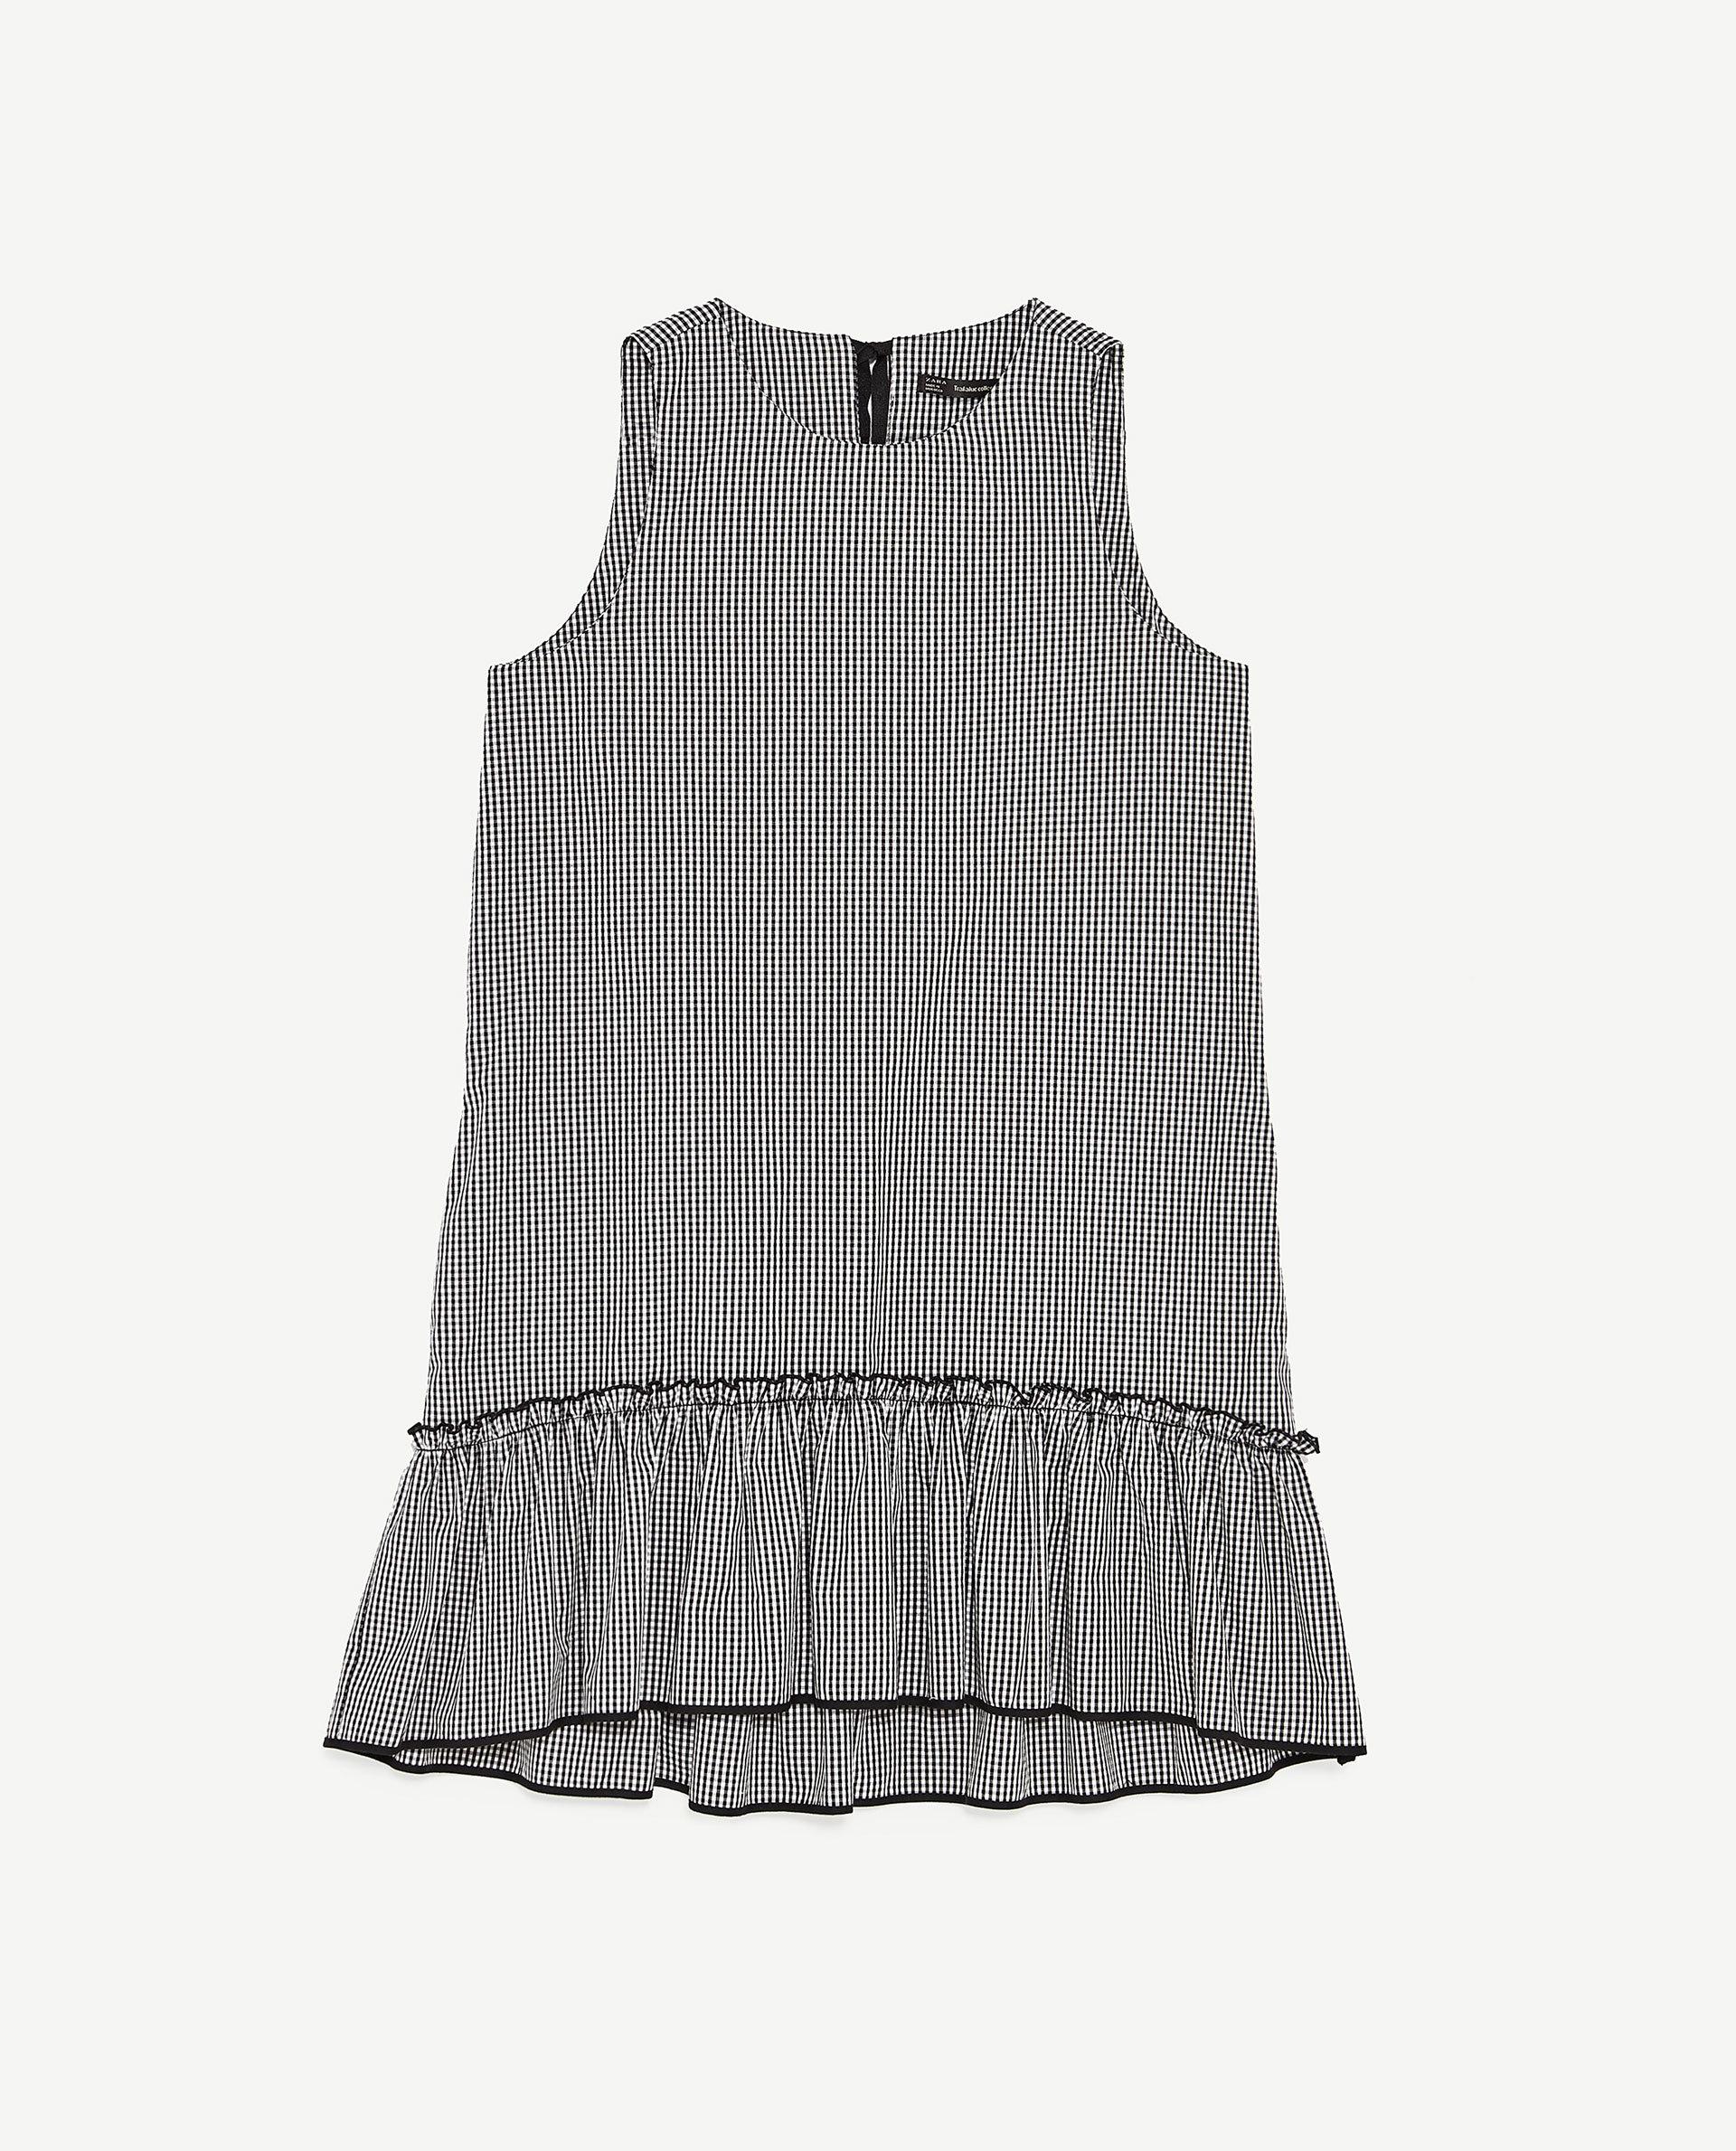 VESTIDO. De Zara. 25,95 euros